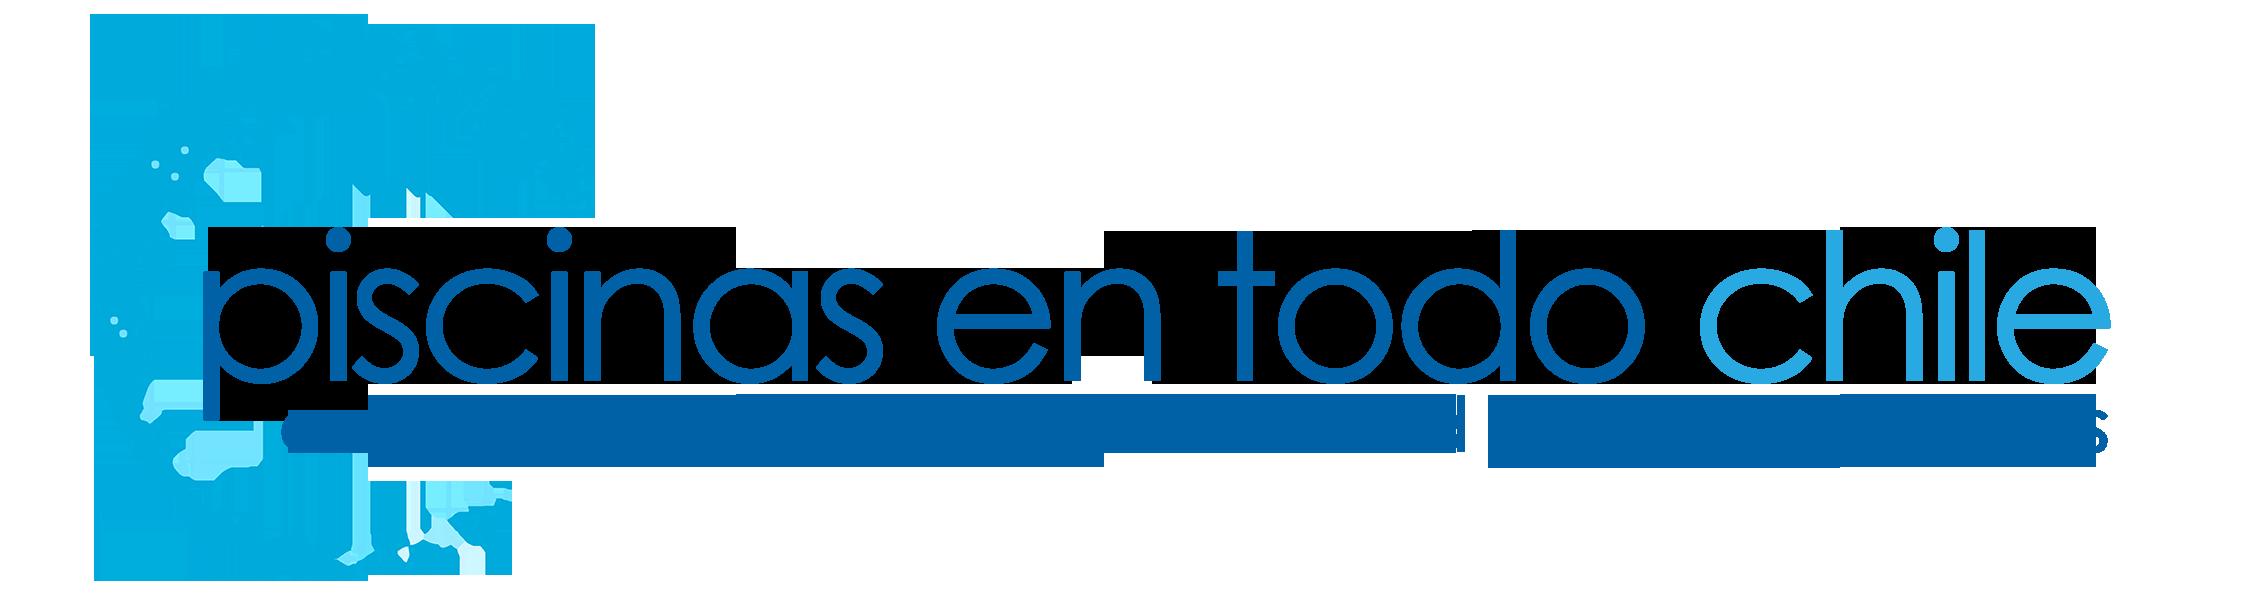 Construcción De Piscinas En Todo Chile